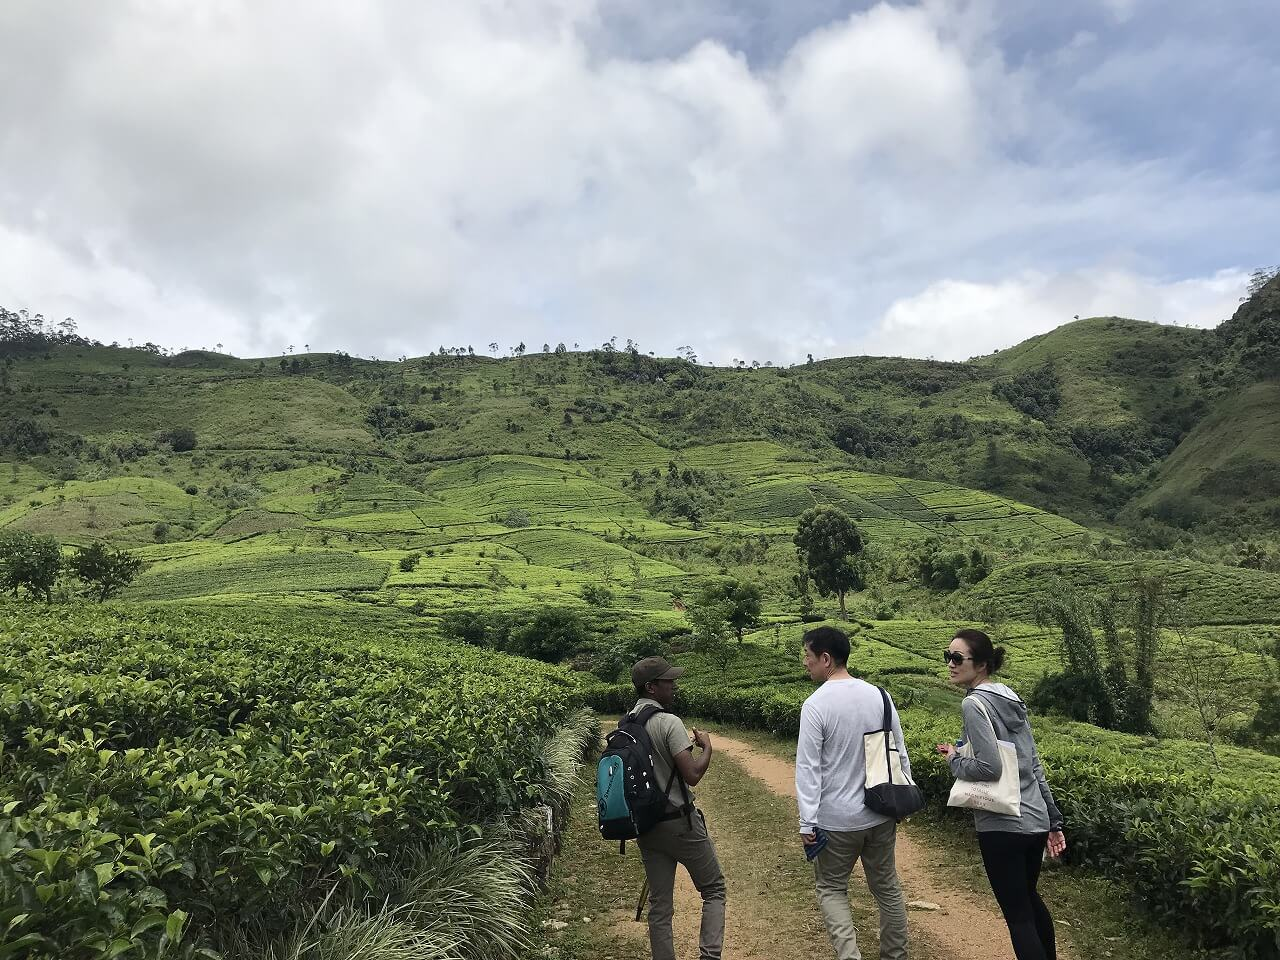 「セイロン紅茶」の国・スリランカ 9茶畑トレッキング